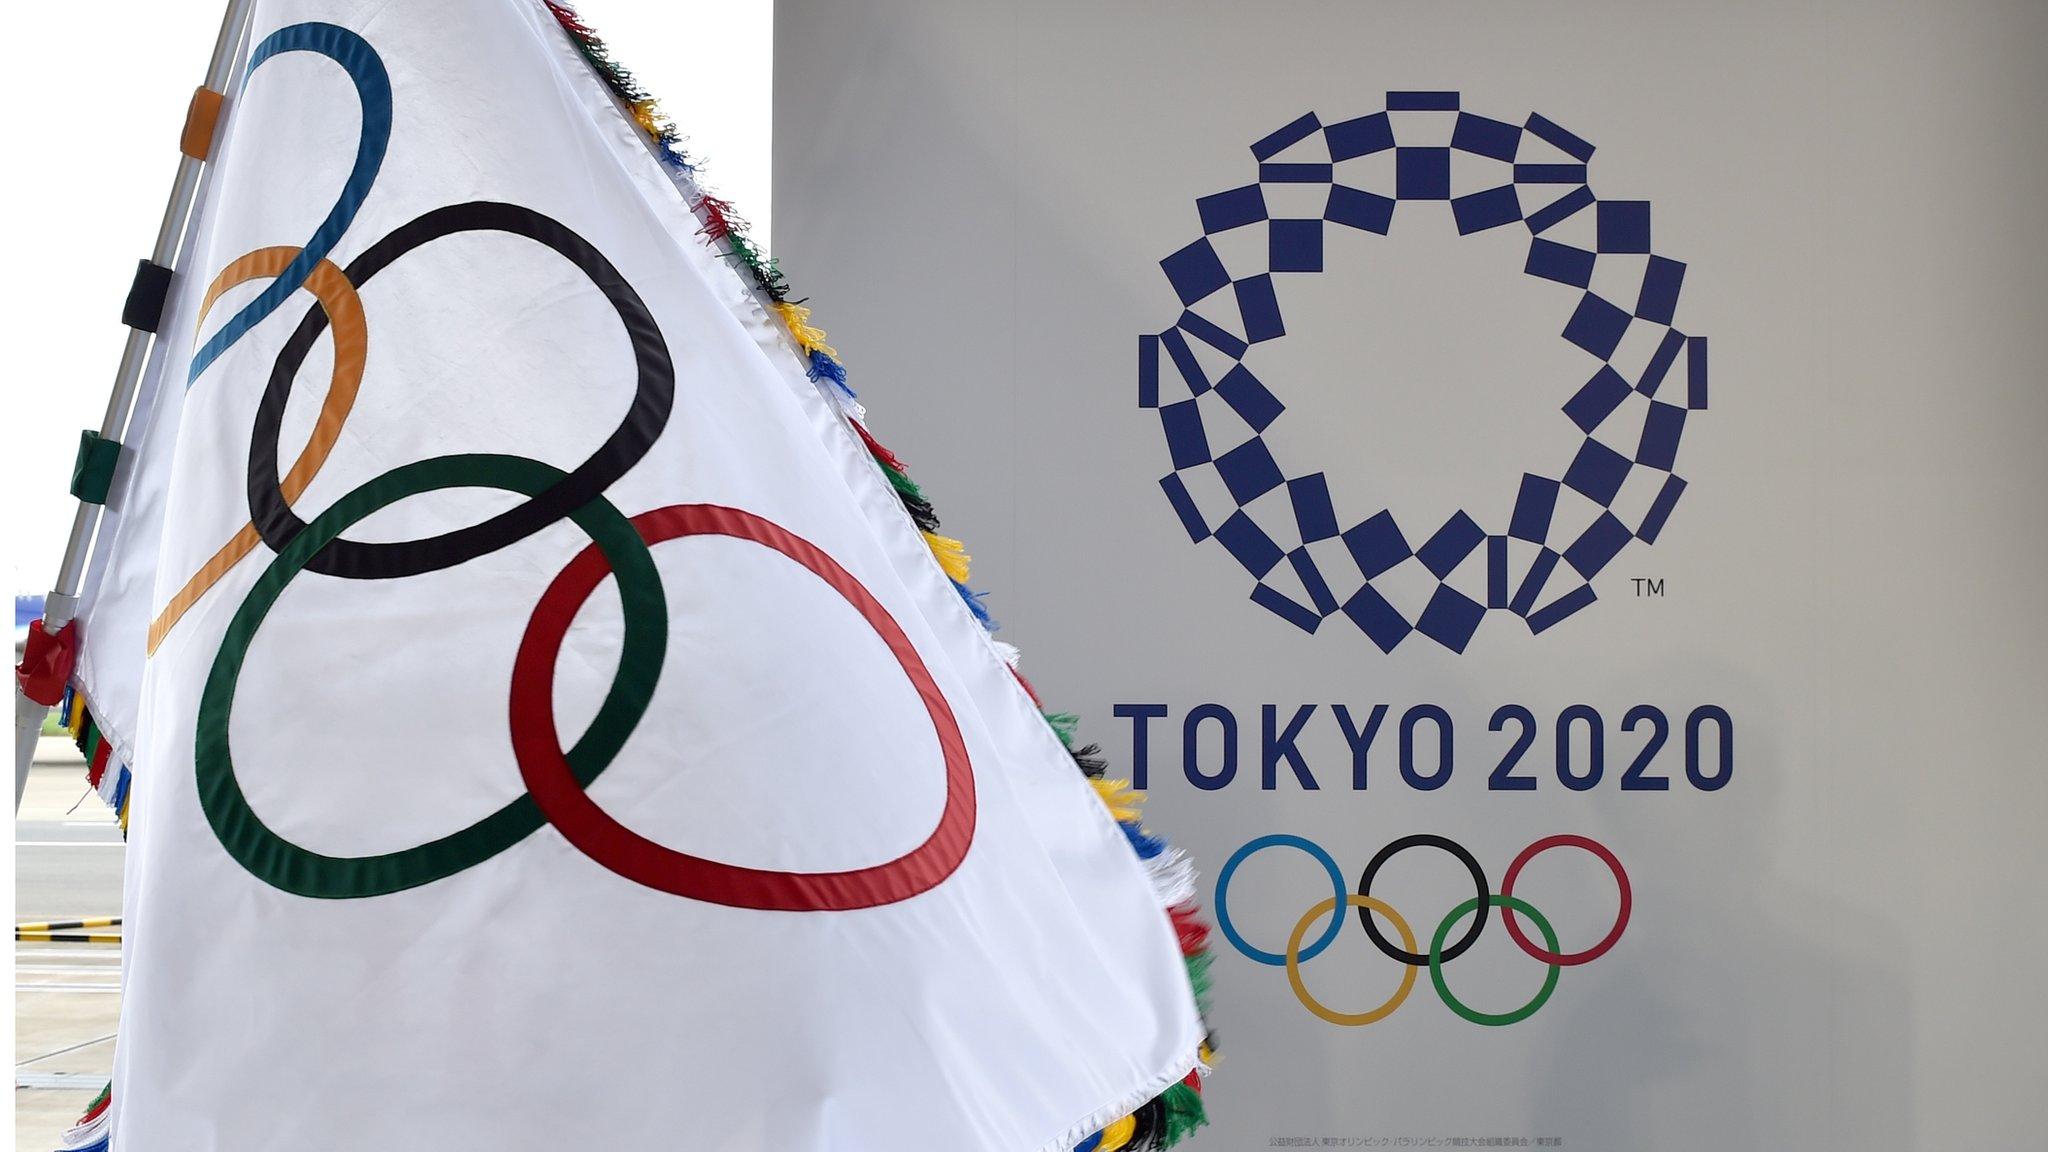 مسئول ياباني : من الصعب إجراء أولمبياد طوكيو دون اكتشاف لقاح لكورونا